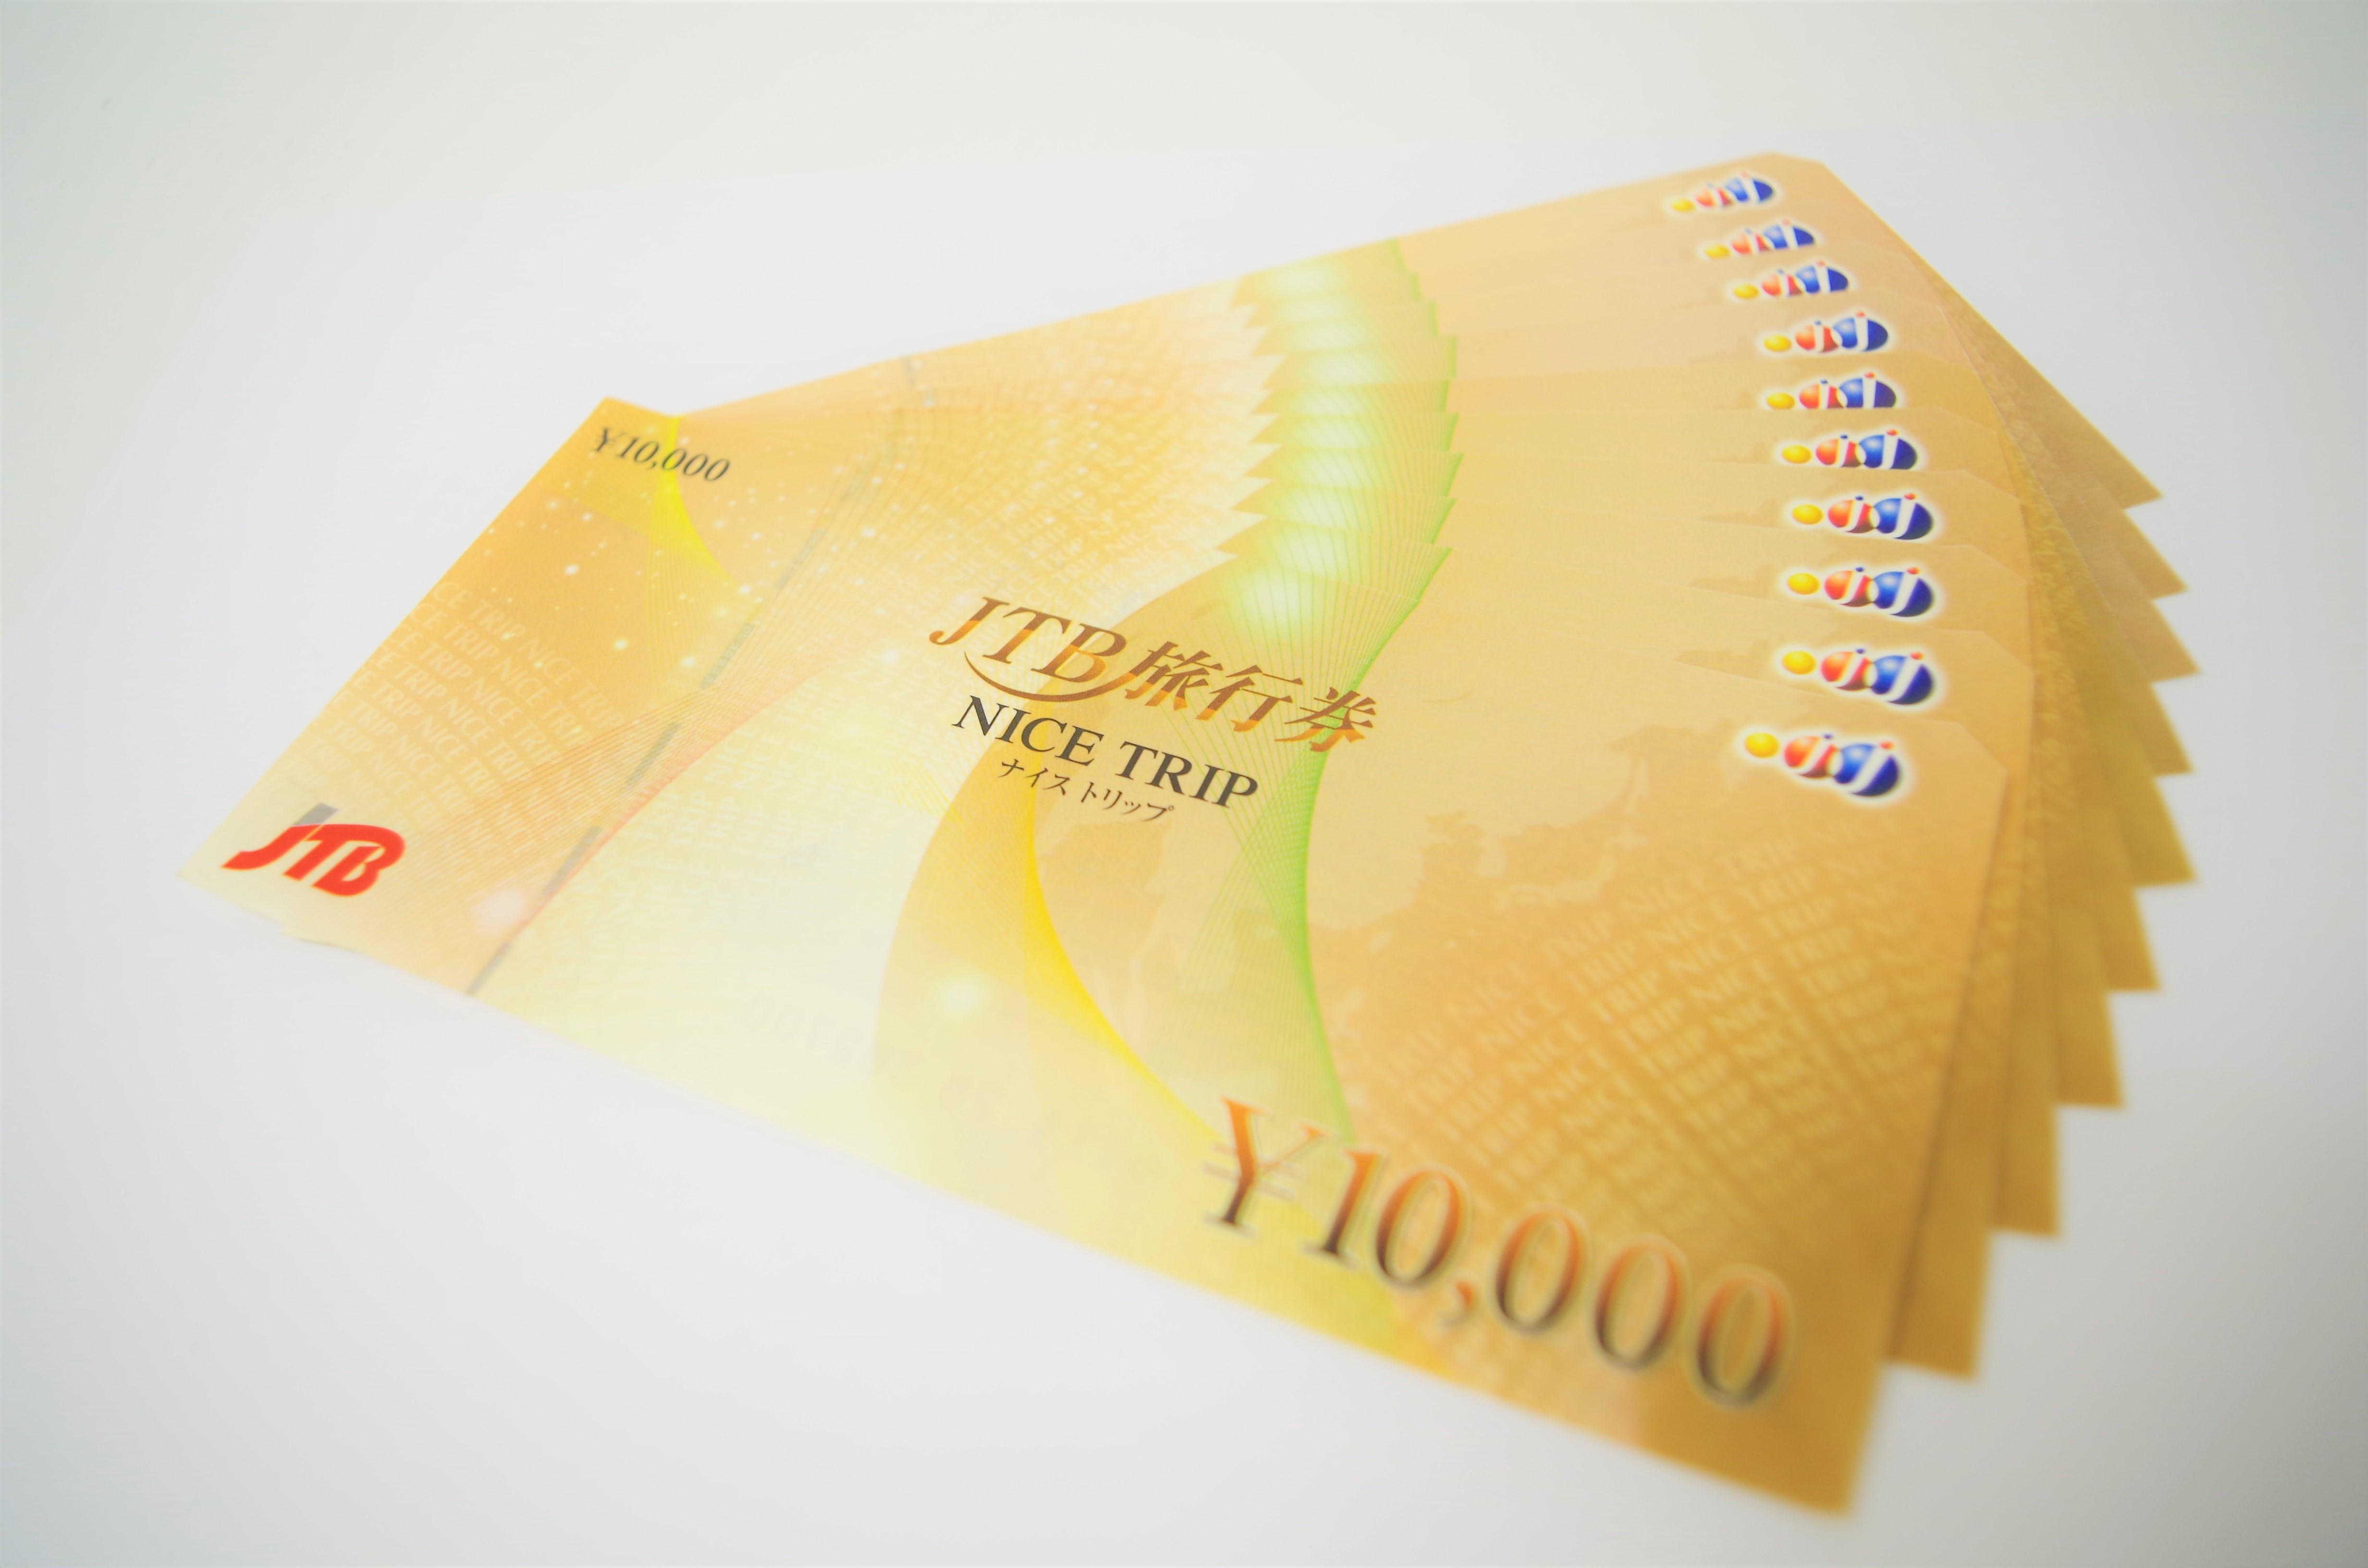 JTB旅行券ナイストリップ10,000円×10枚 ※11月買取キャンペーンの為、通常レートより1%アップ